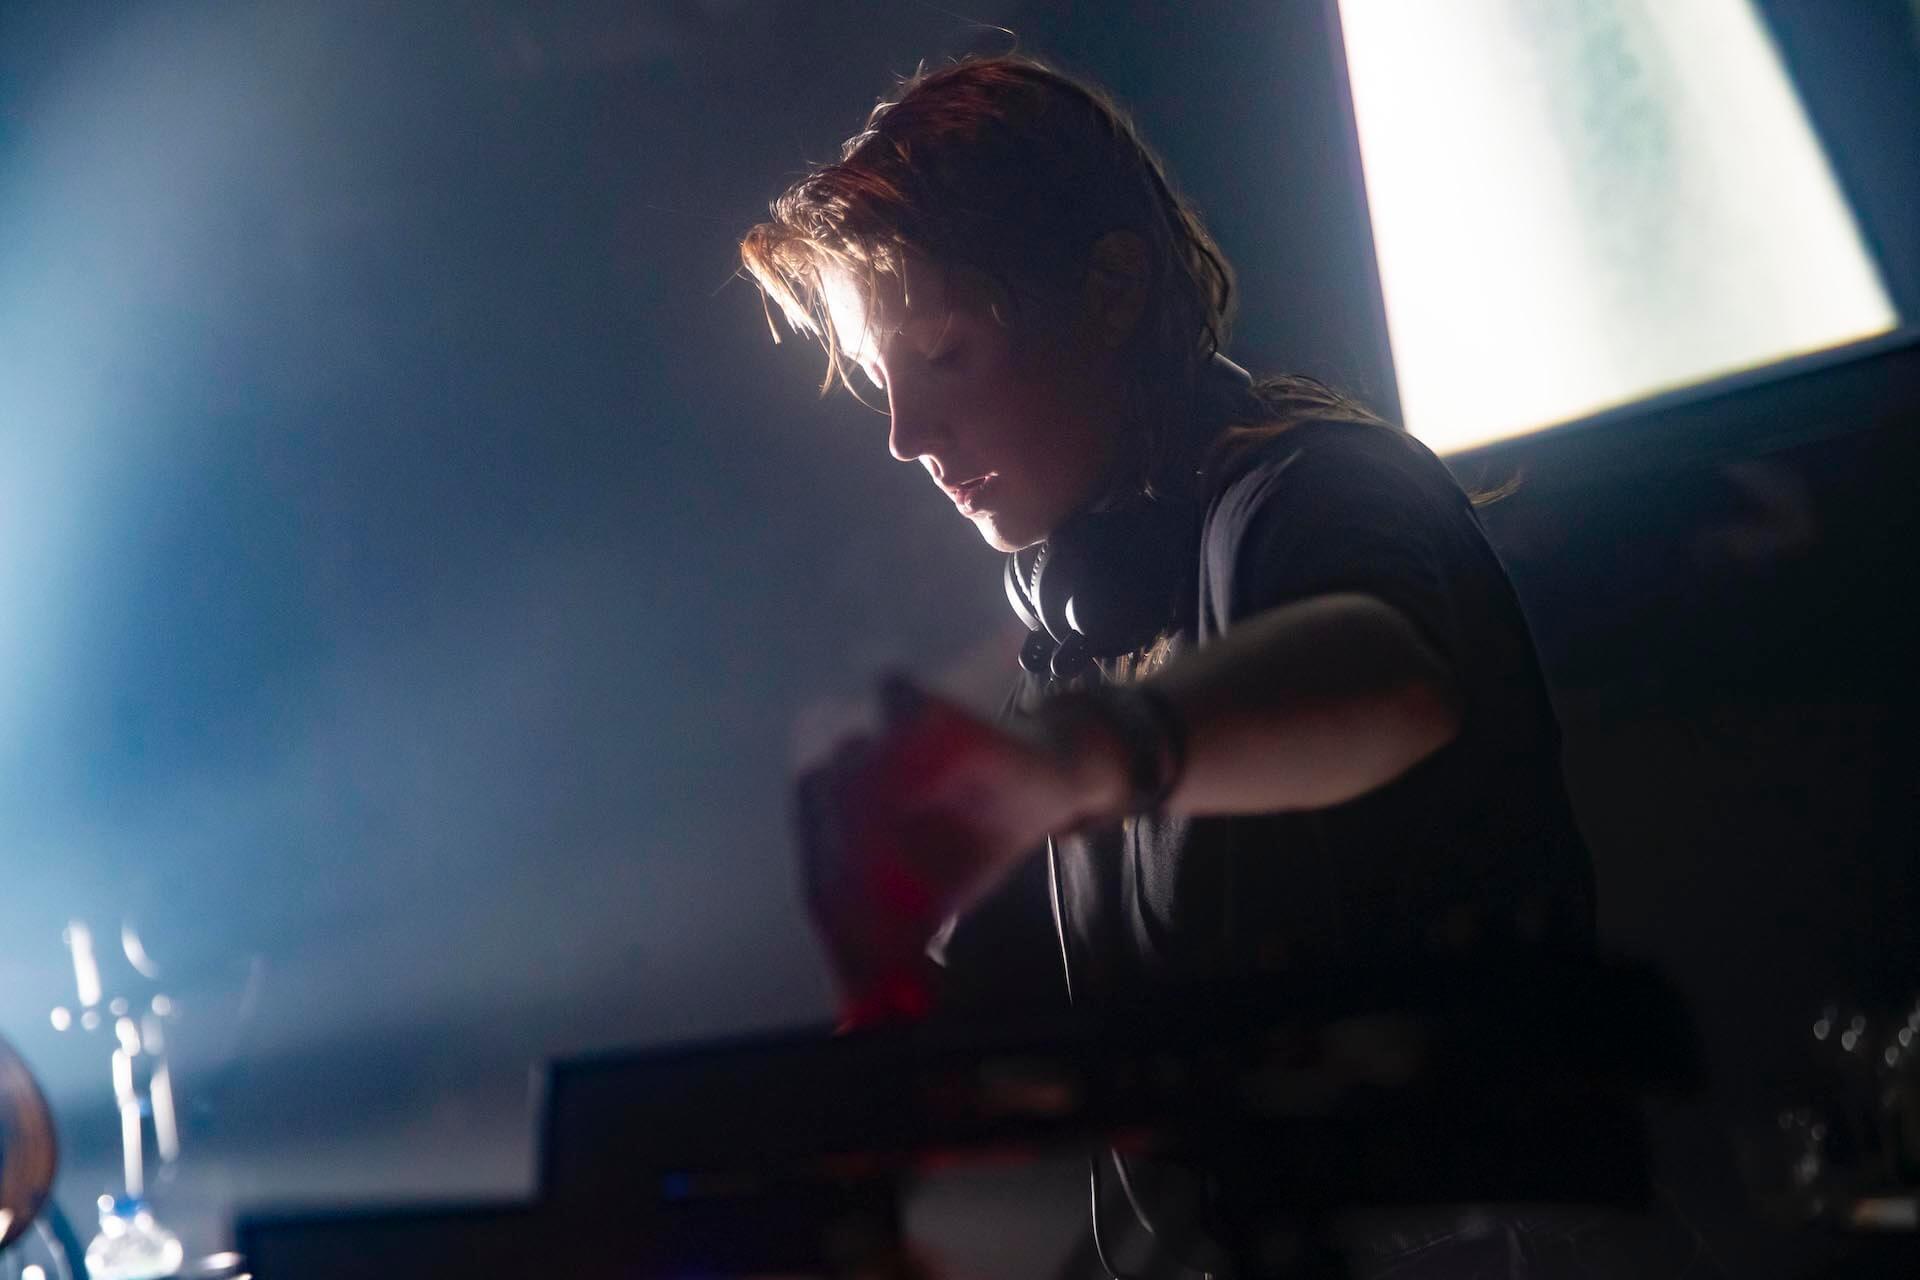 ベルギーの女性DJ・Charlotte de Witte×<ALIVE presents REBOOT>が東京のクラブナイトを再び更新する music190920_charlotte_17